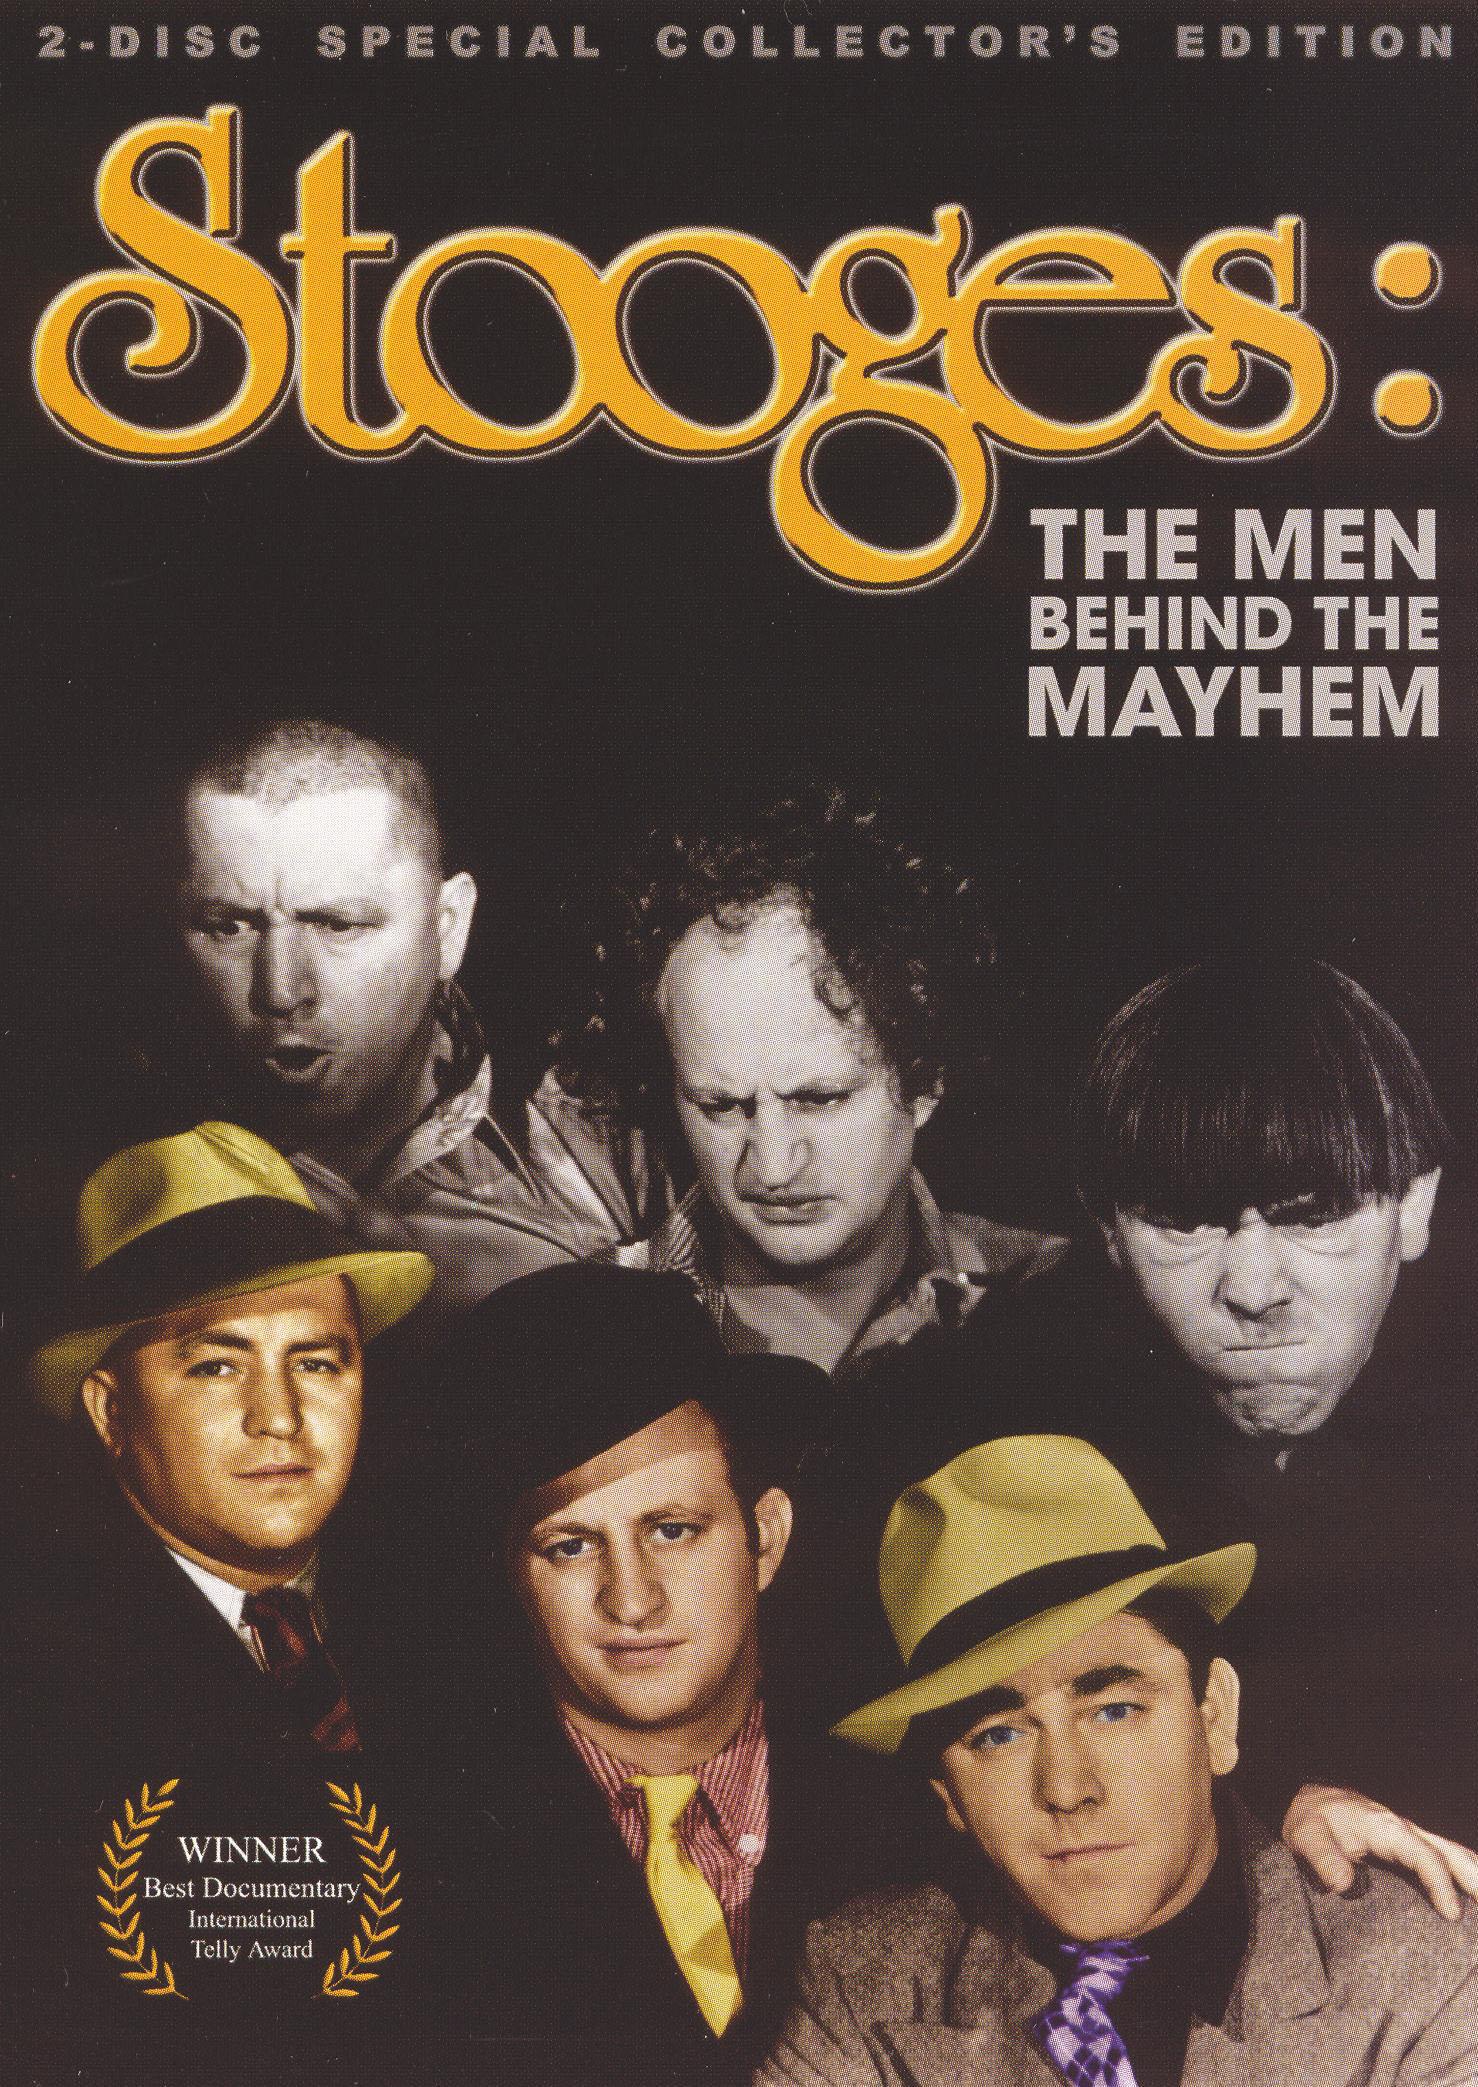 Stooges: The Men Behind the Mayhem